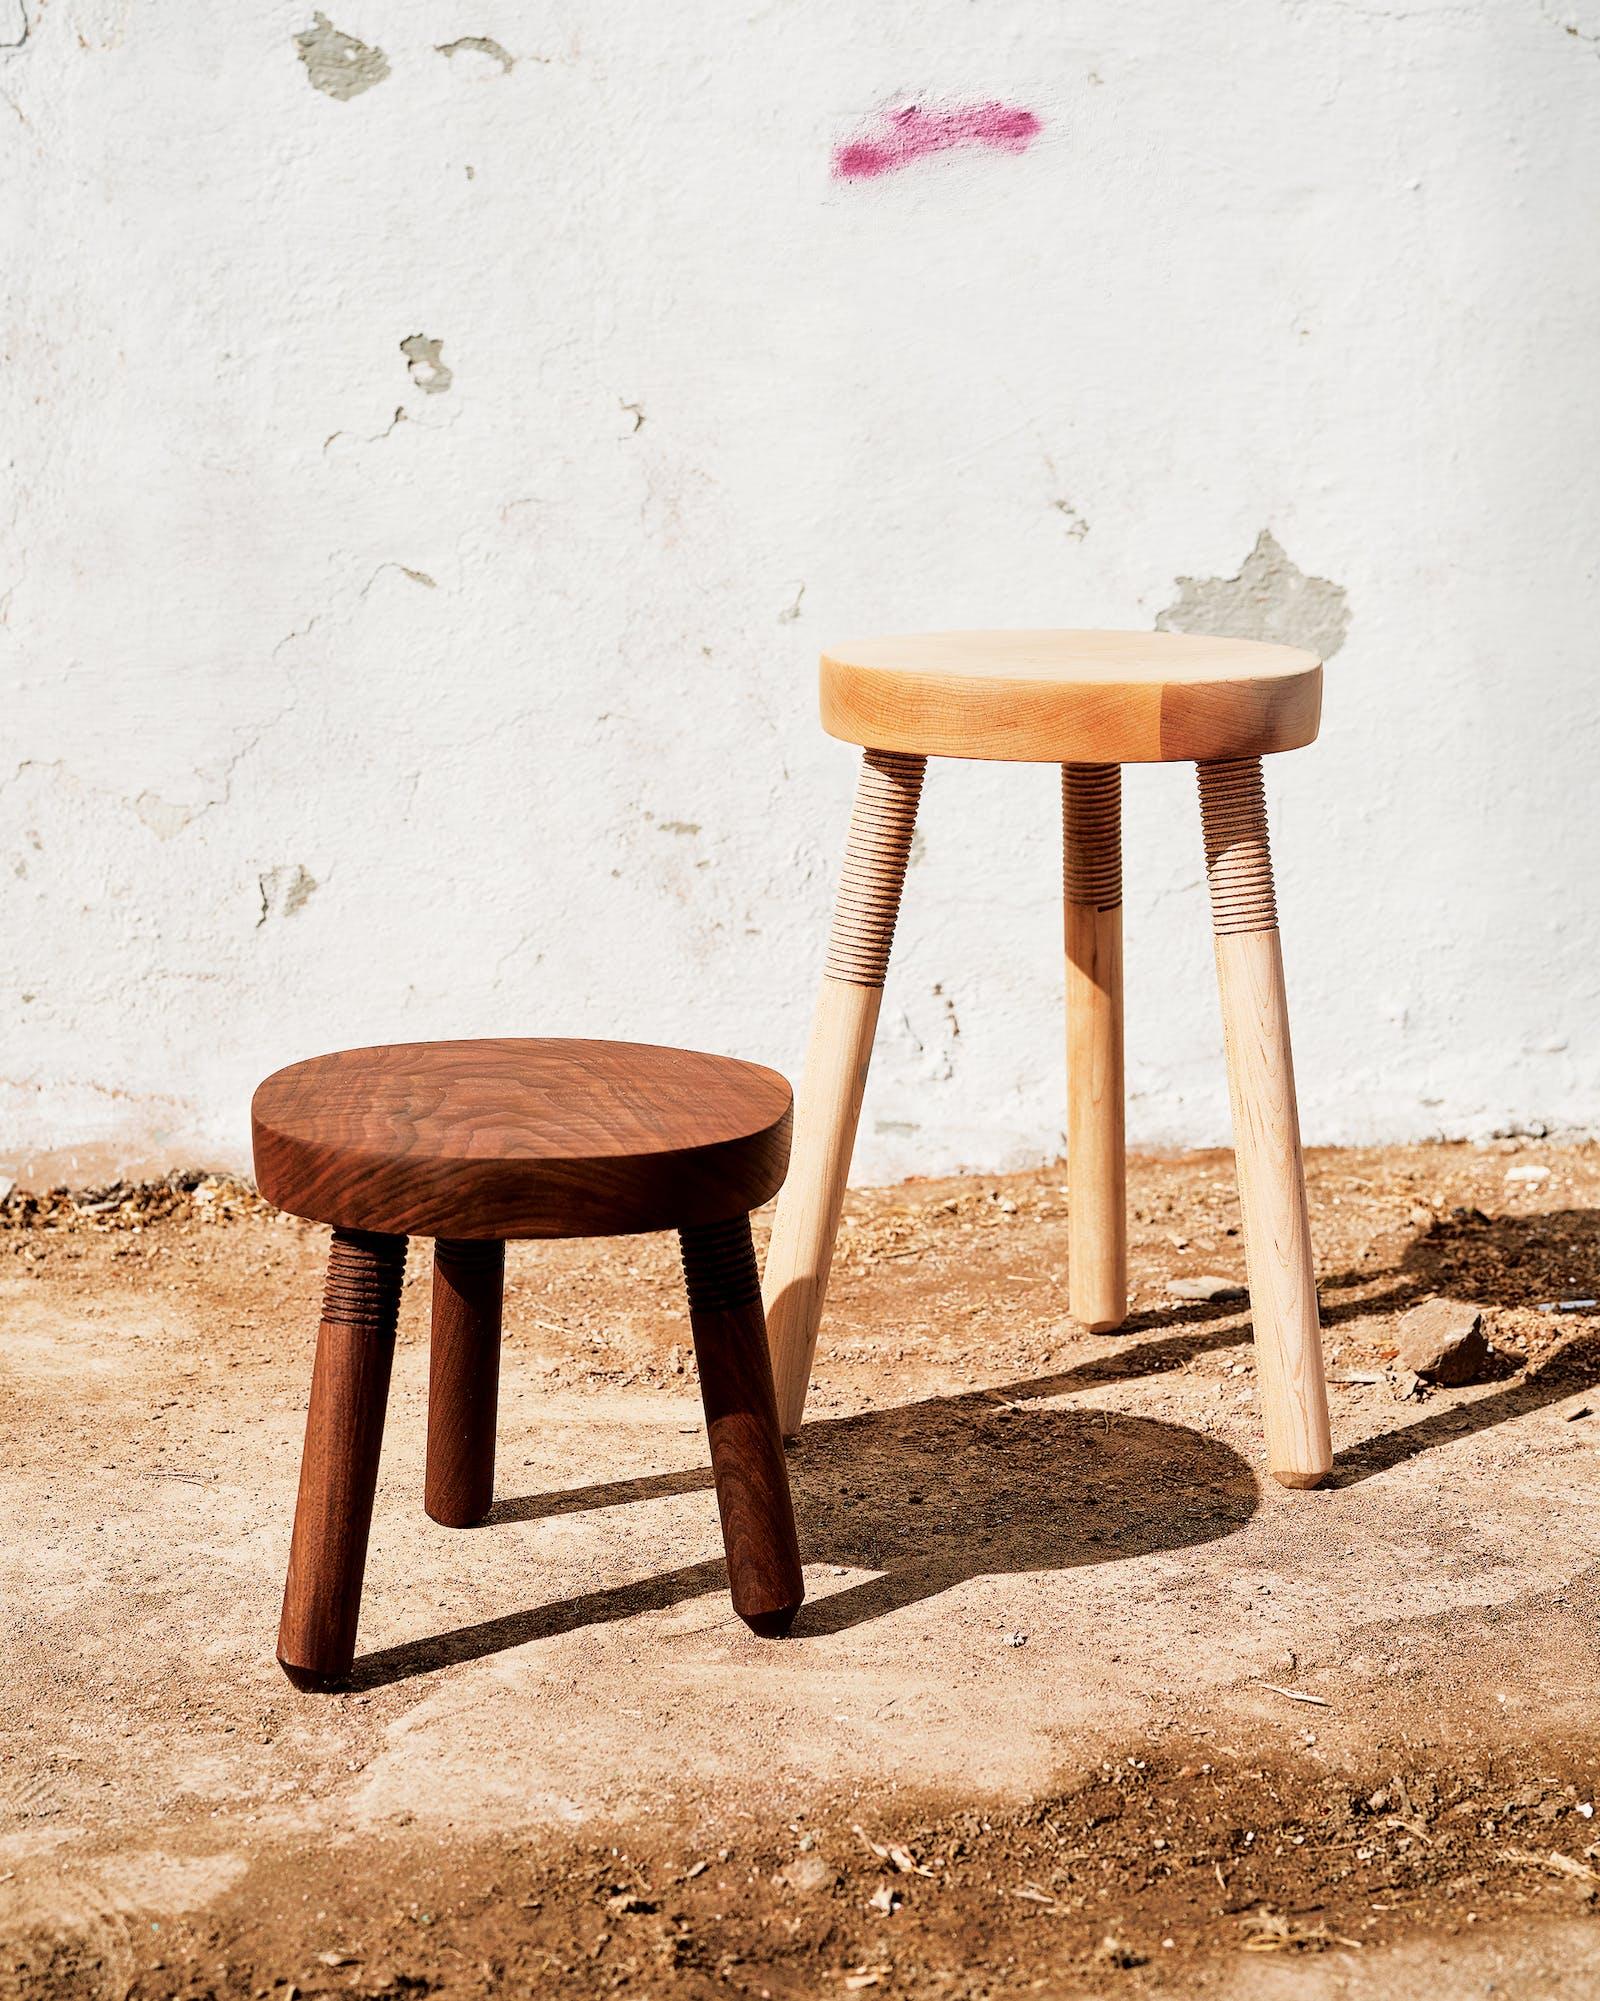 lumber-club-marfa-stools